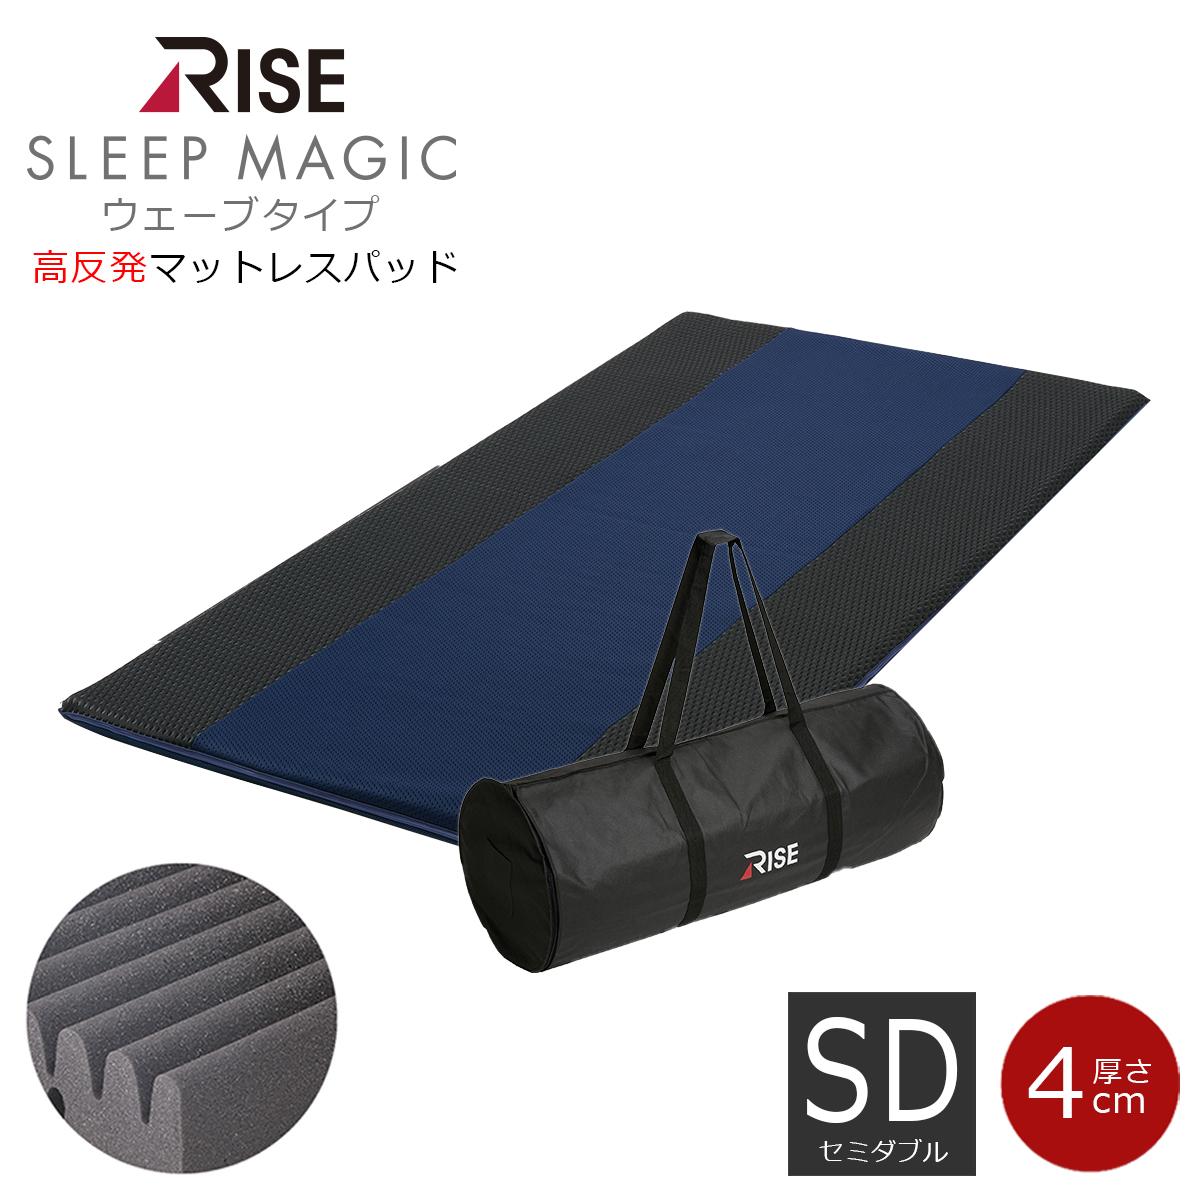 スリープマジック オーバーレイ 高反発マットレスパッド V02 セミダブルサイズ ウェーブカット 厚さ4cm ベッドの上に敷くだけで極上の寝心地を実現 寝がえり楽々 ライズTOKYOの高反発マットレス